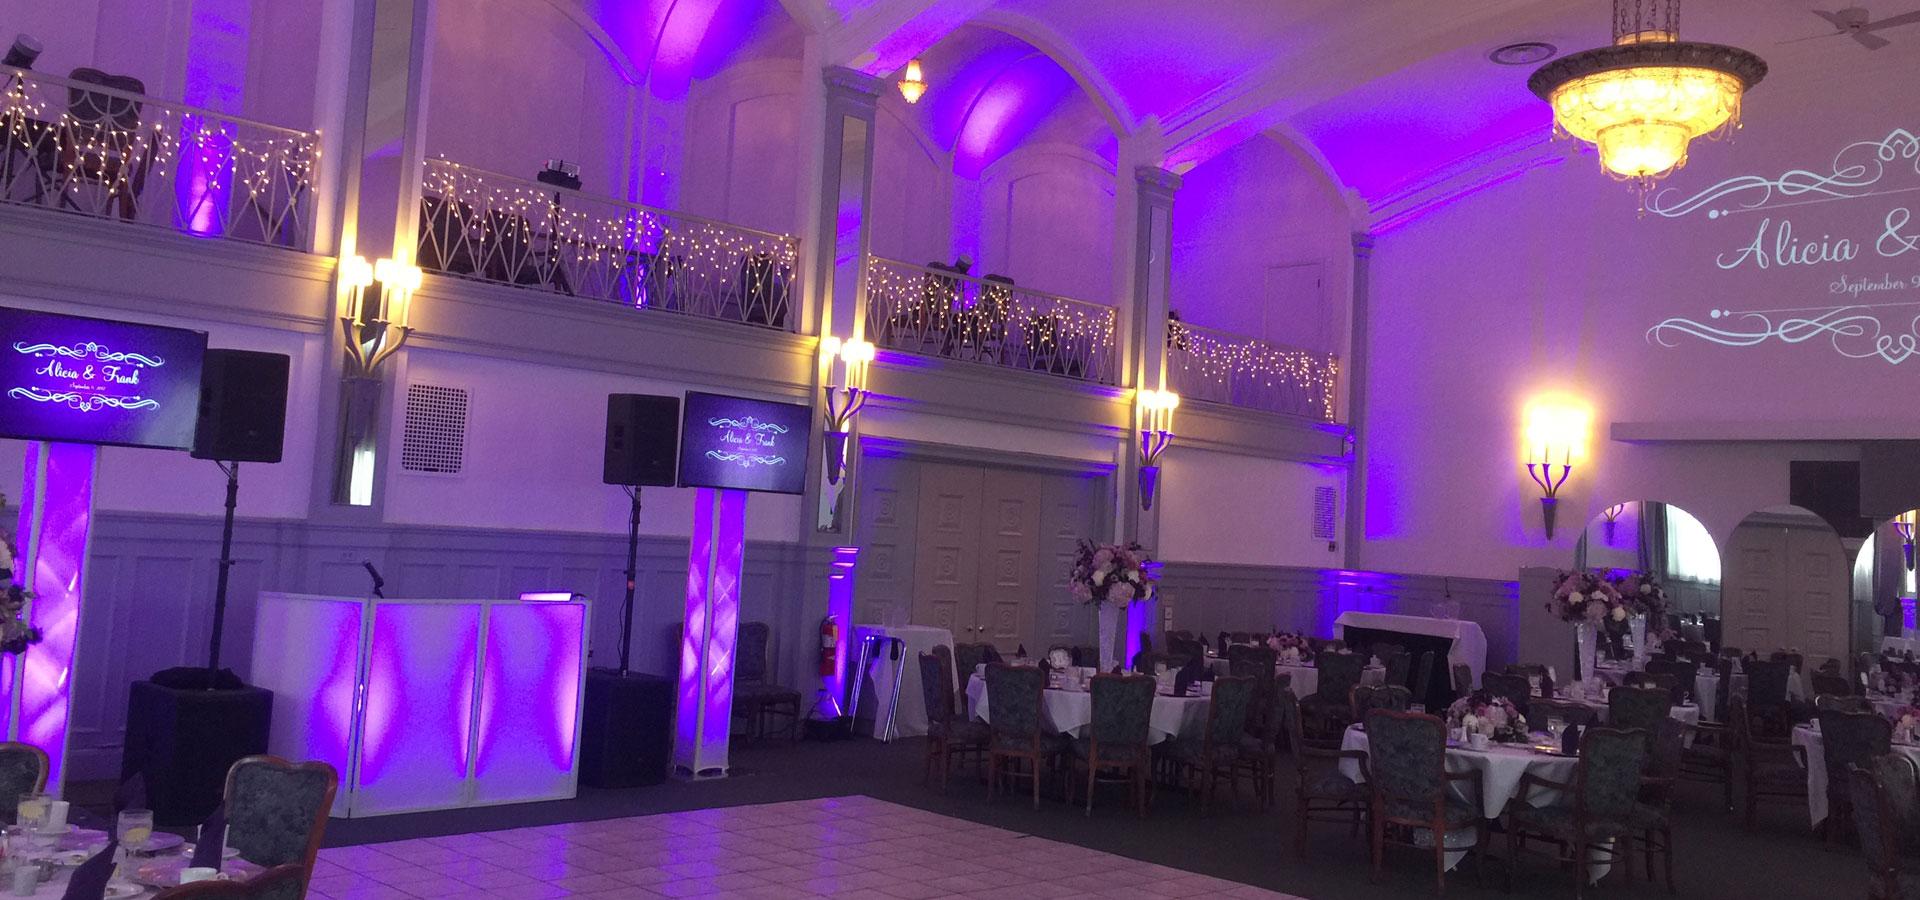 Binghamton-NY-Wedding-DJ-Uplighting-Monogram-Slider